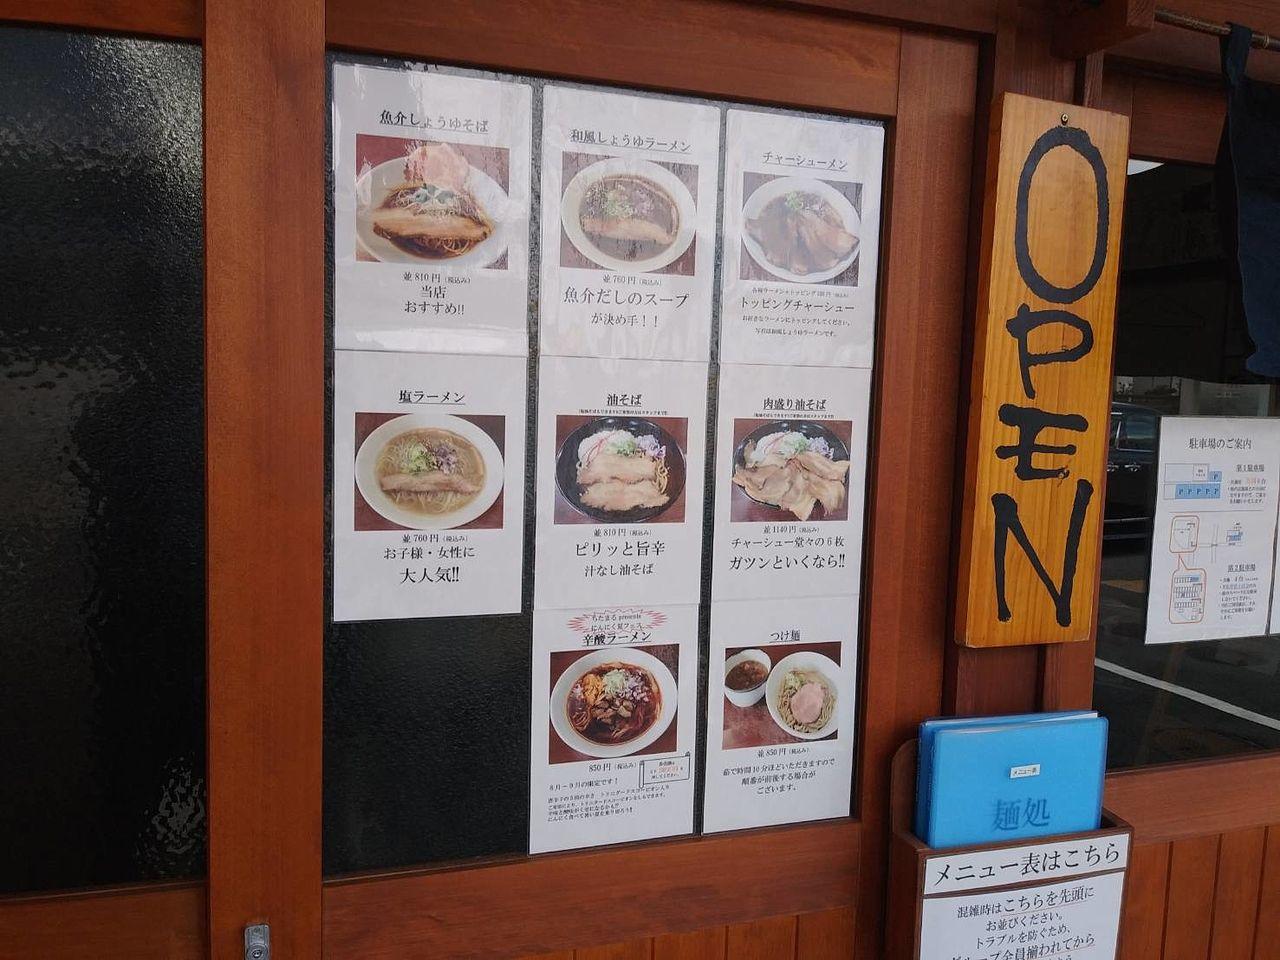 食券機で食券を買うお店です。初めてのお客さんにとって食券機は愛想の悪い店員以下の存在です。外に写真付きのメニューが貼りだされていると、食券機渋滞の解消対策にもなります。